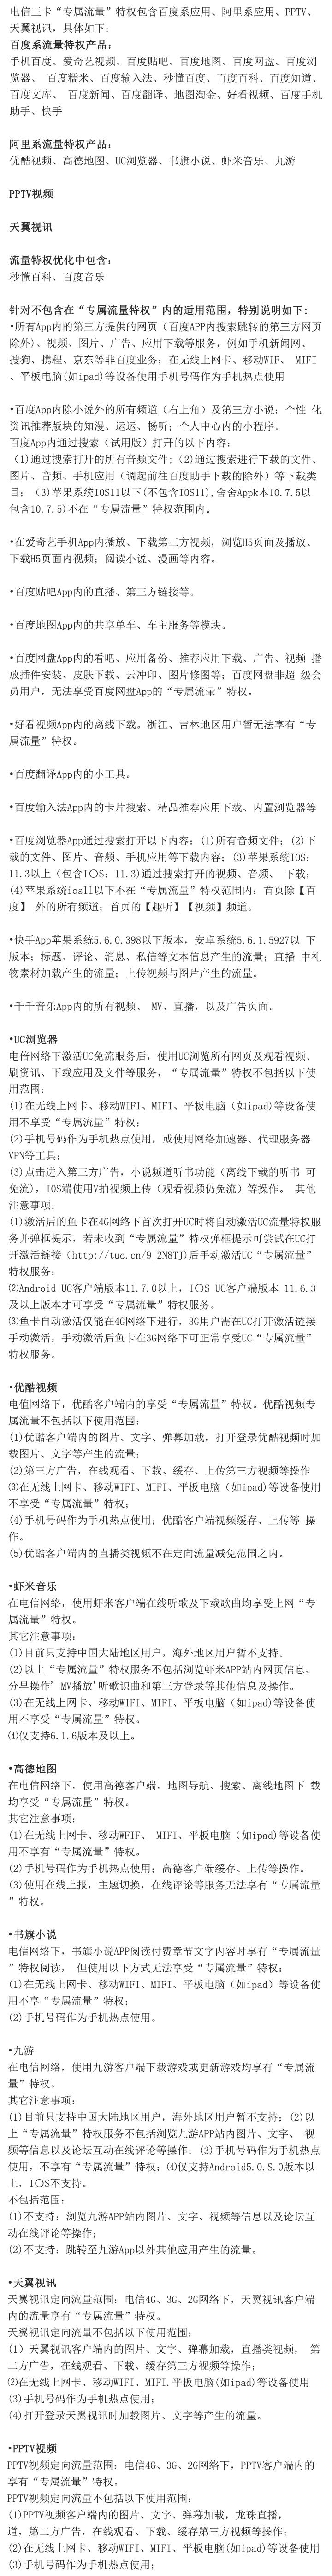 电信王卡5G网络